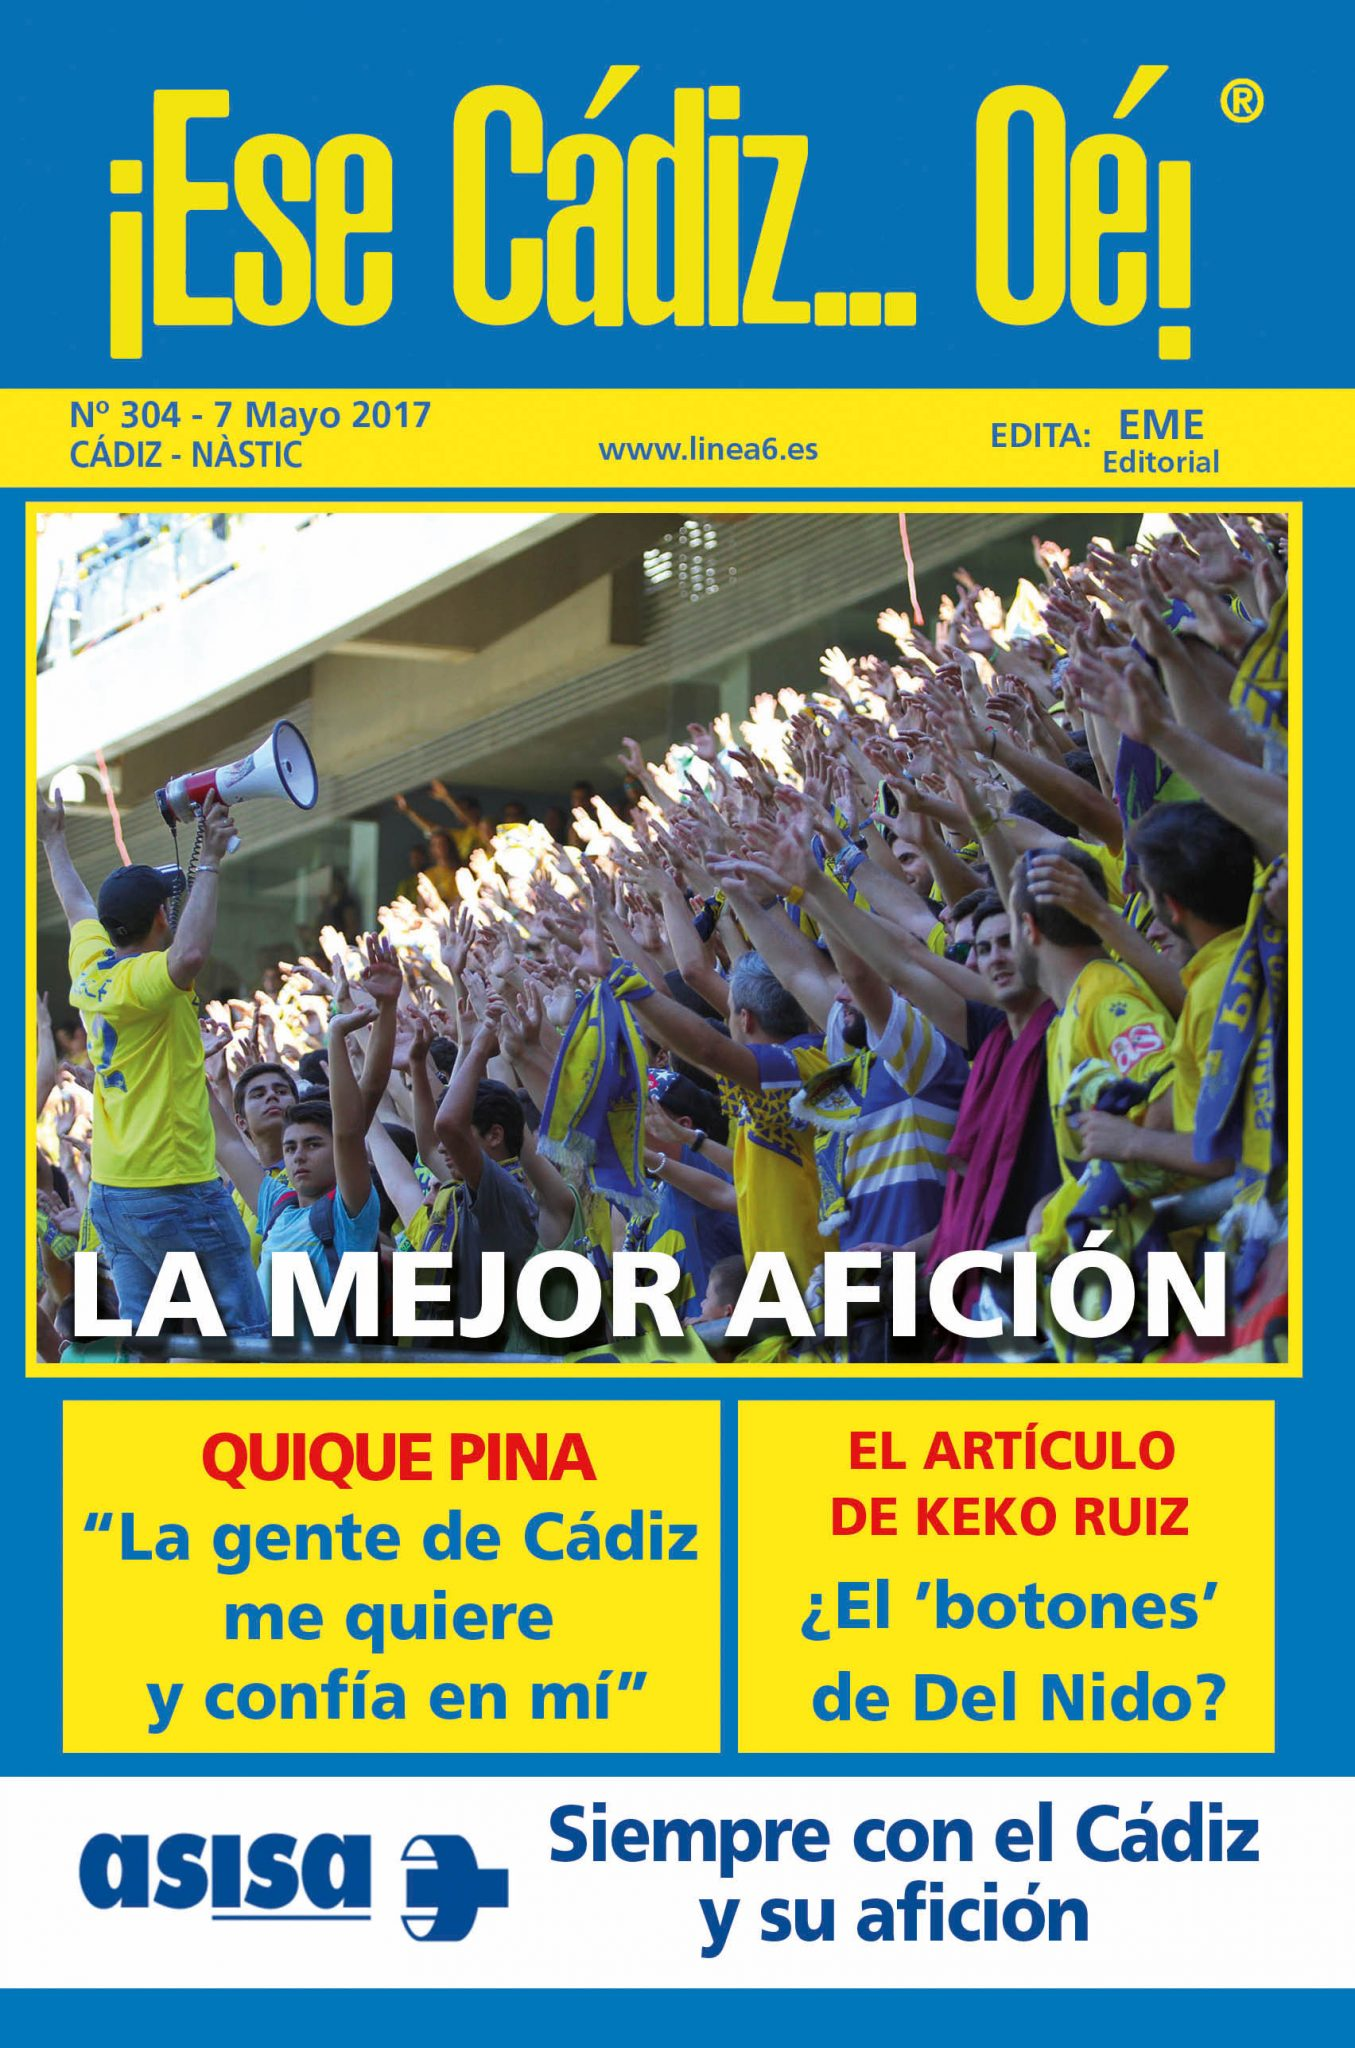 ¡Ese Cádiz…Oé! núm. 304 temporada 2016/17